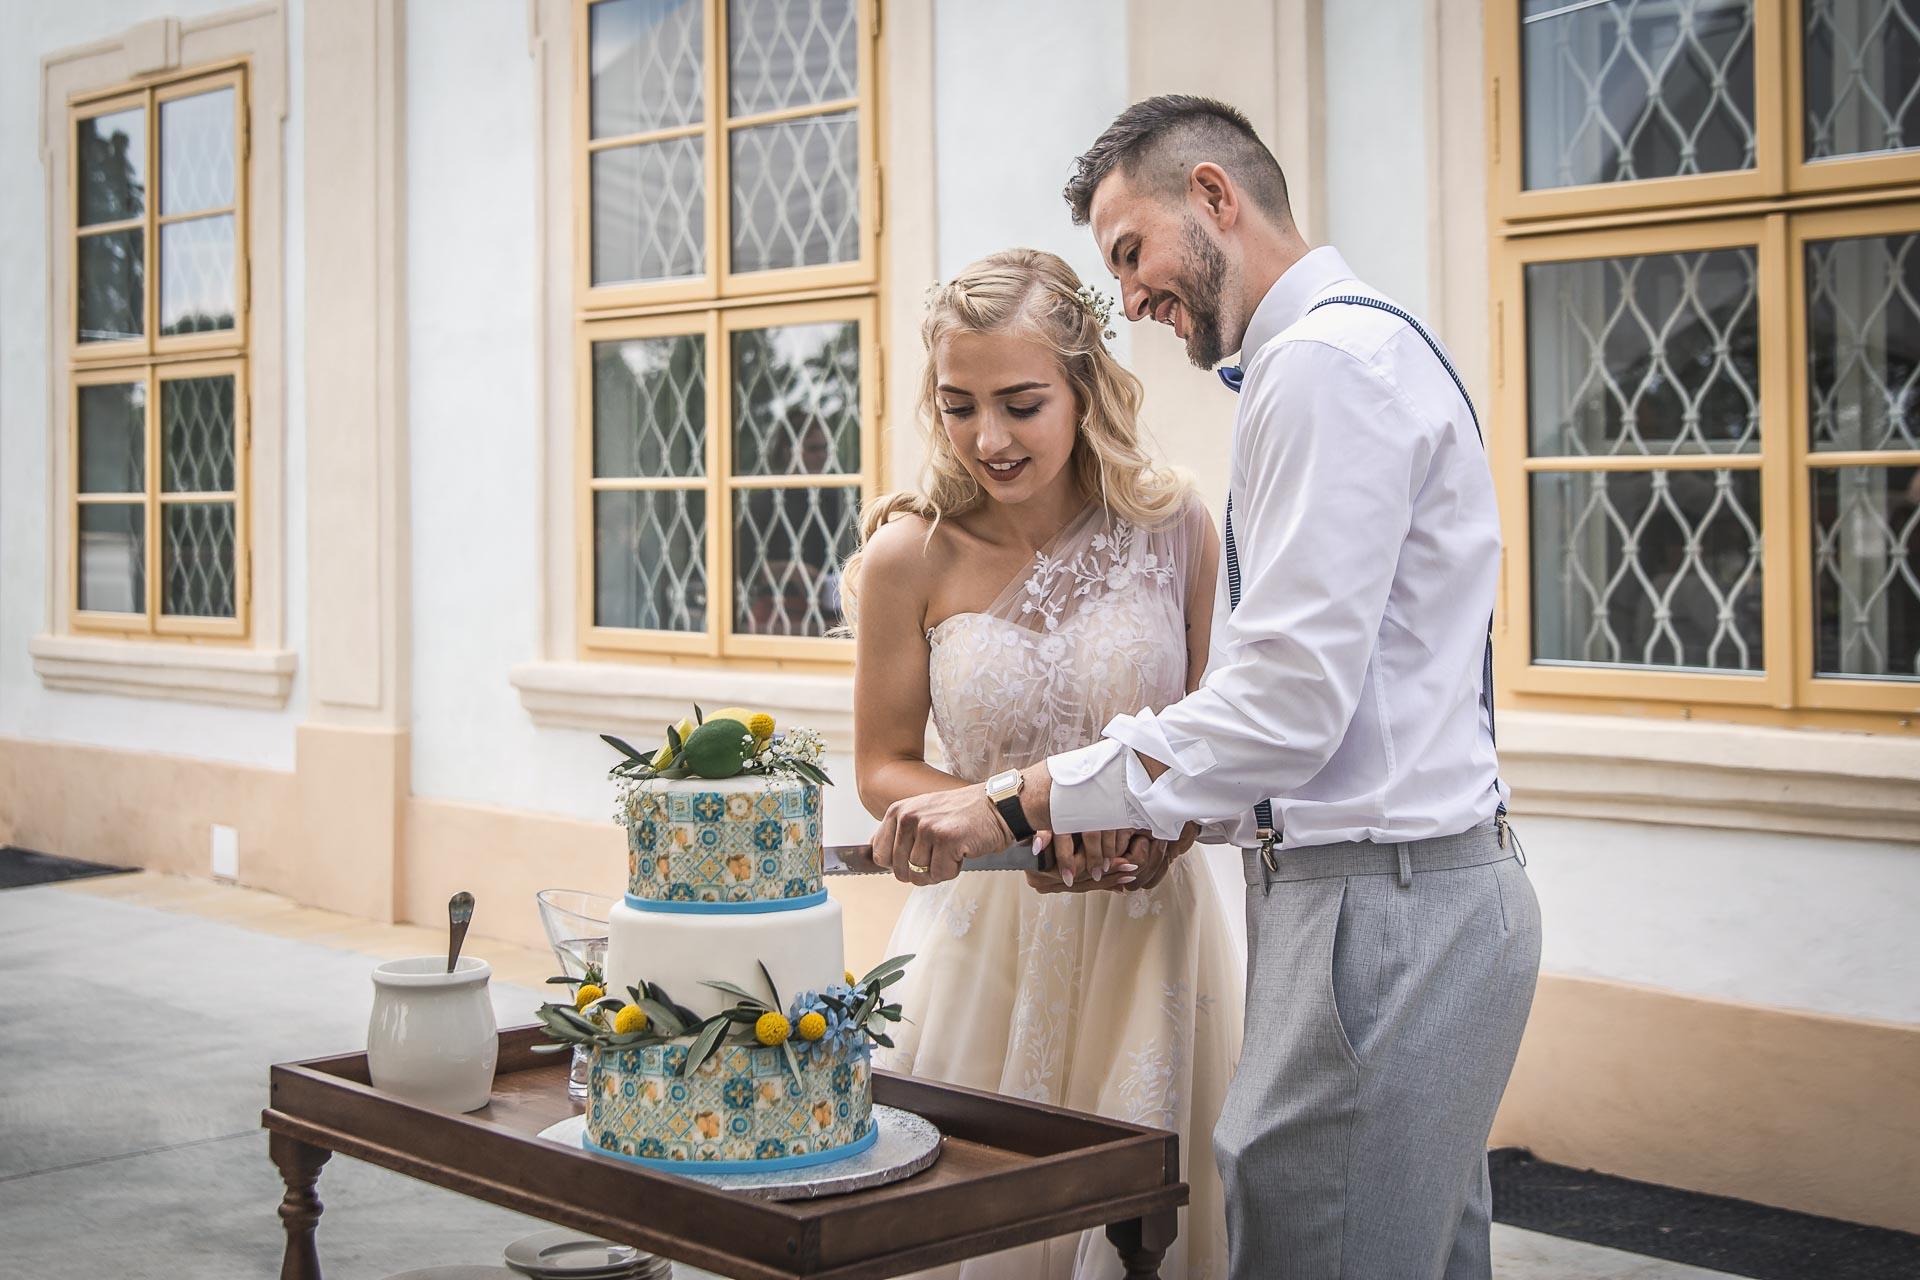 svatební-fotograf-zámek-Loučeň-svatební-video-zámek-Loučeň-4412